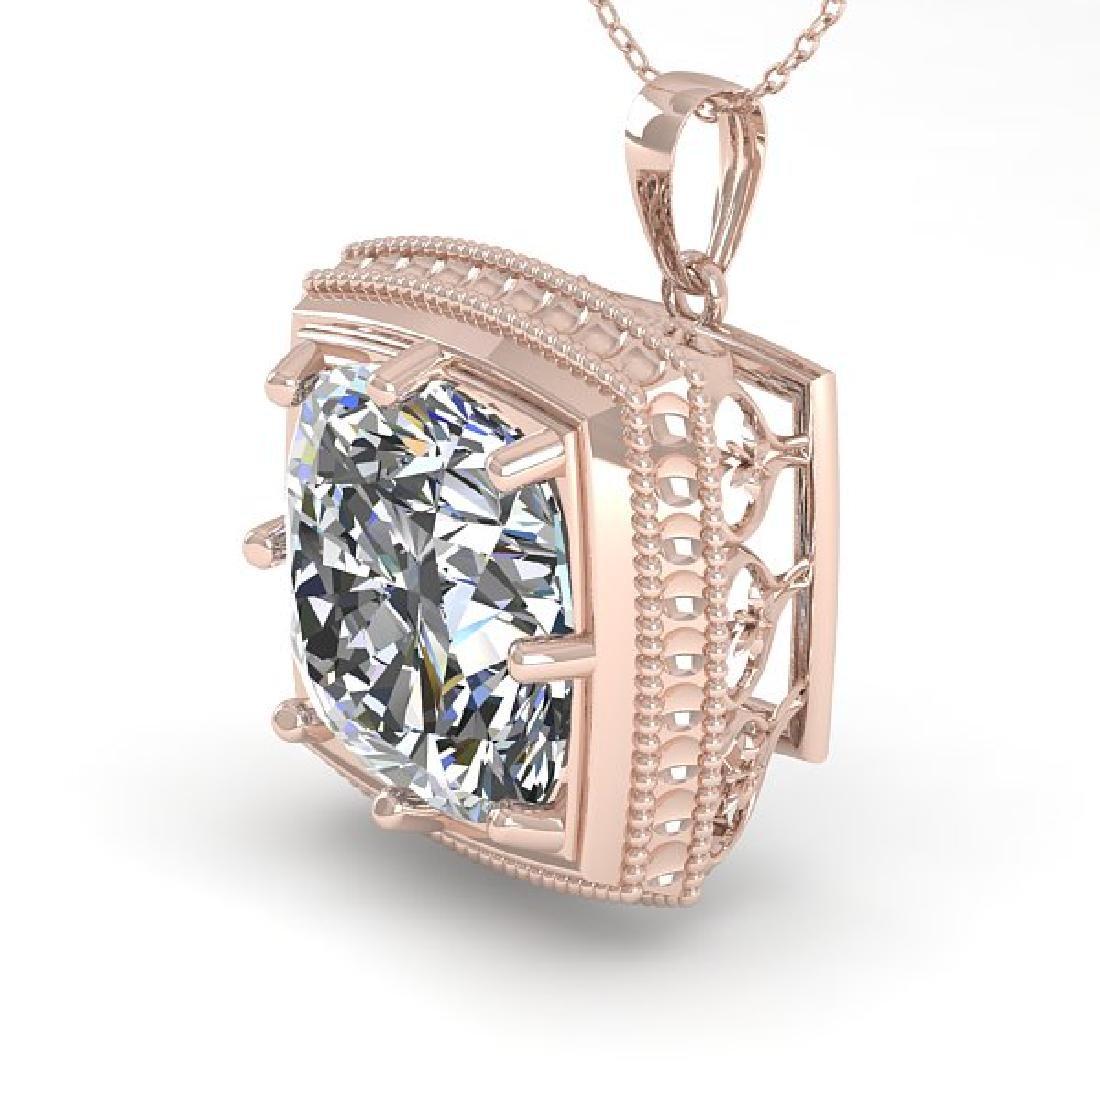 1 CTW VS/SI Cushion Cut Diamond Solitaire Necklace 14K